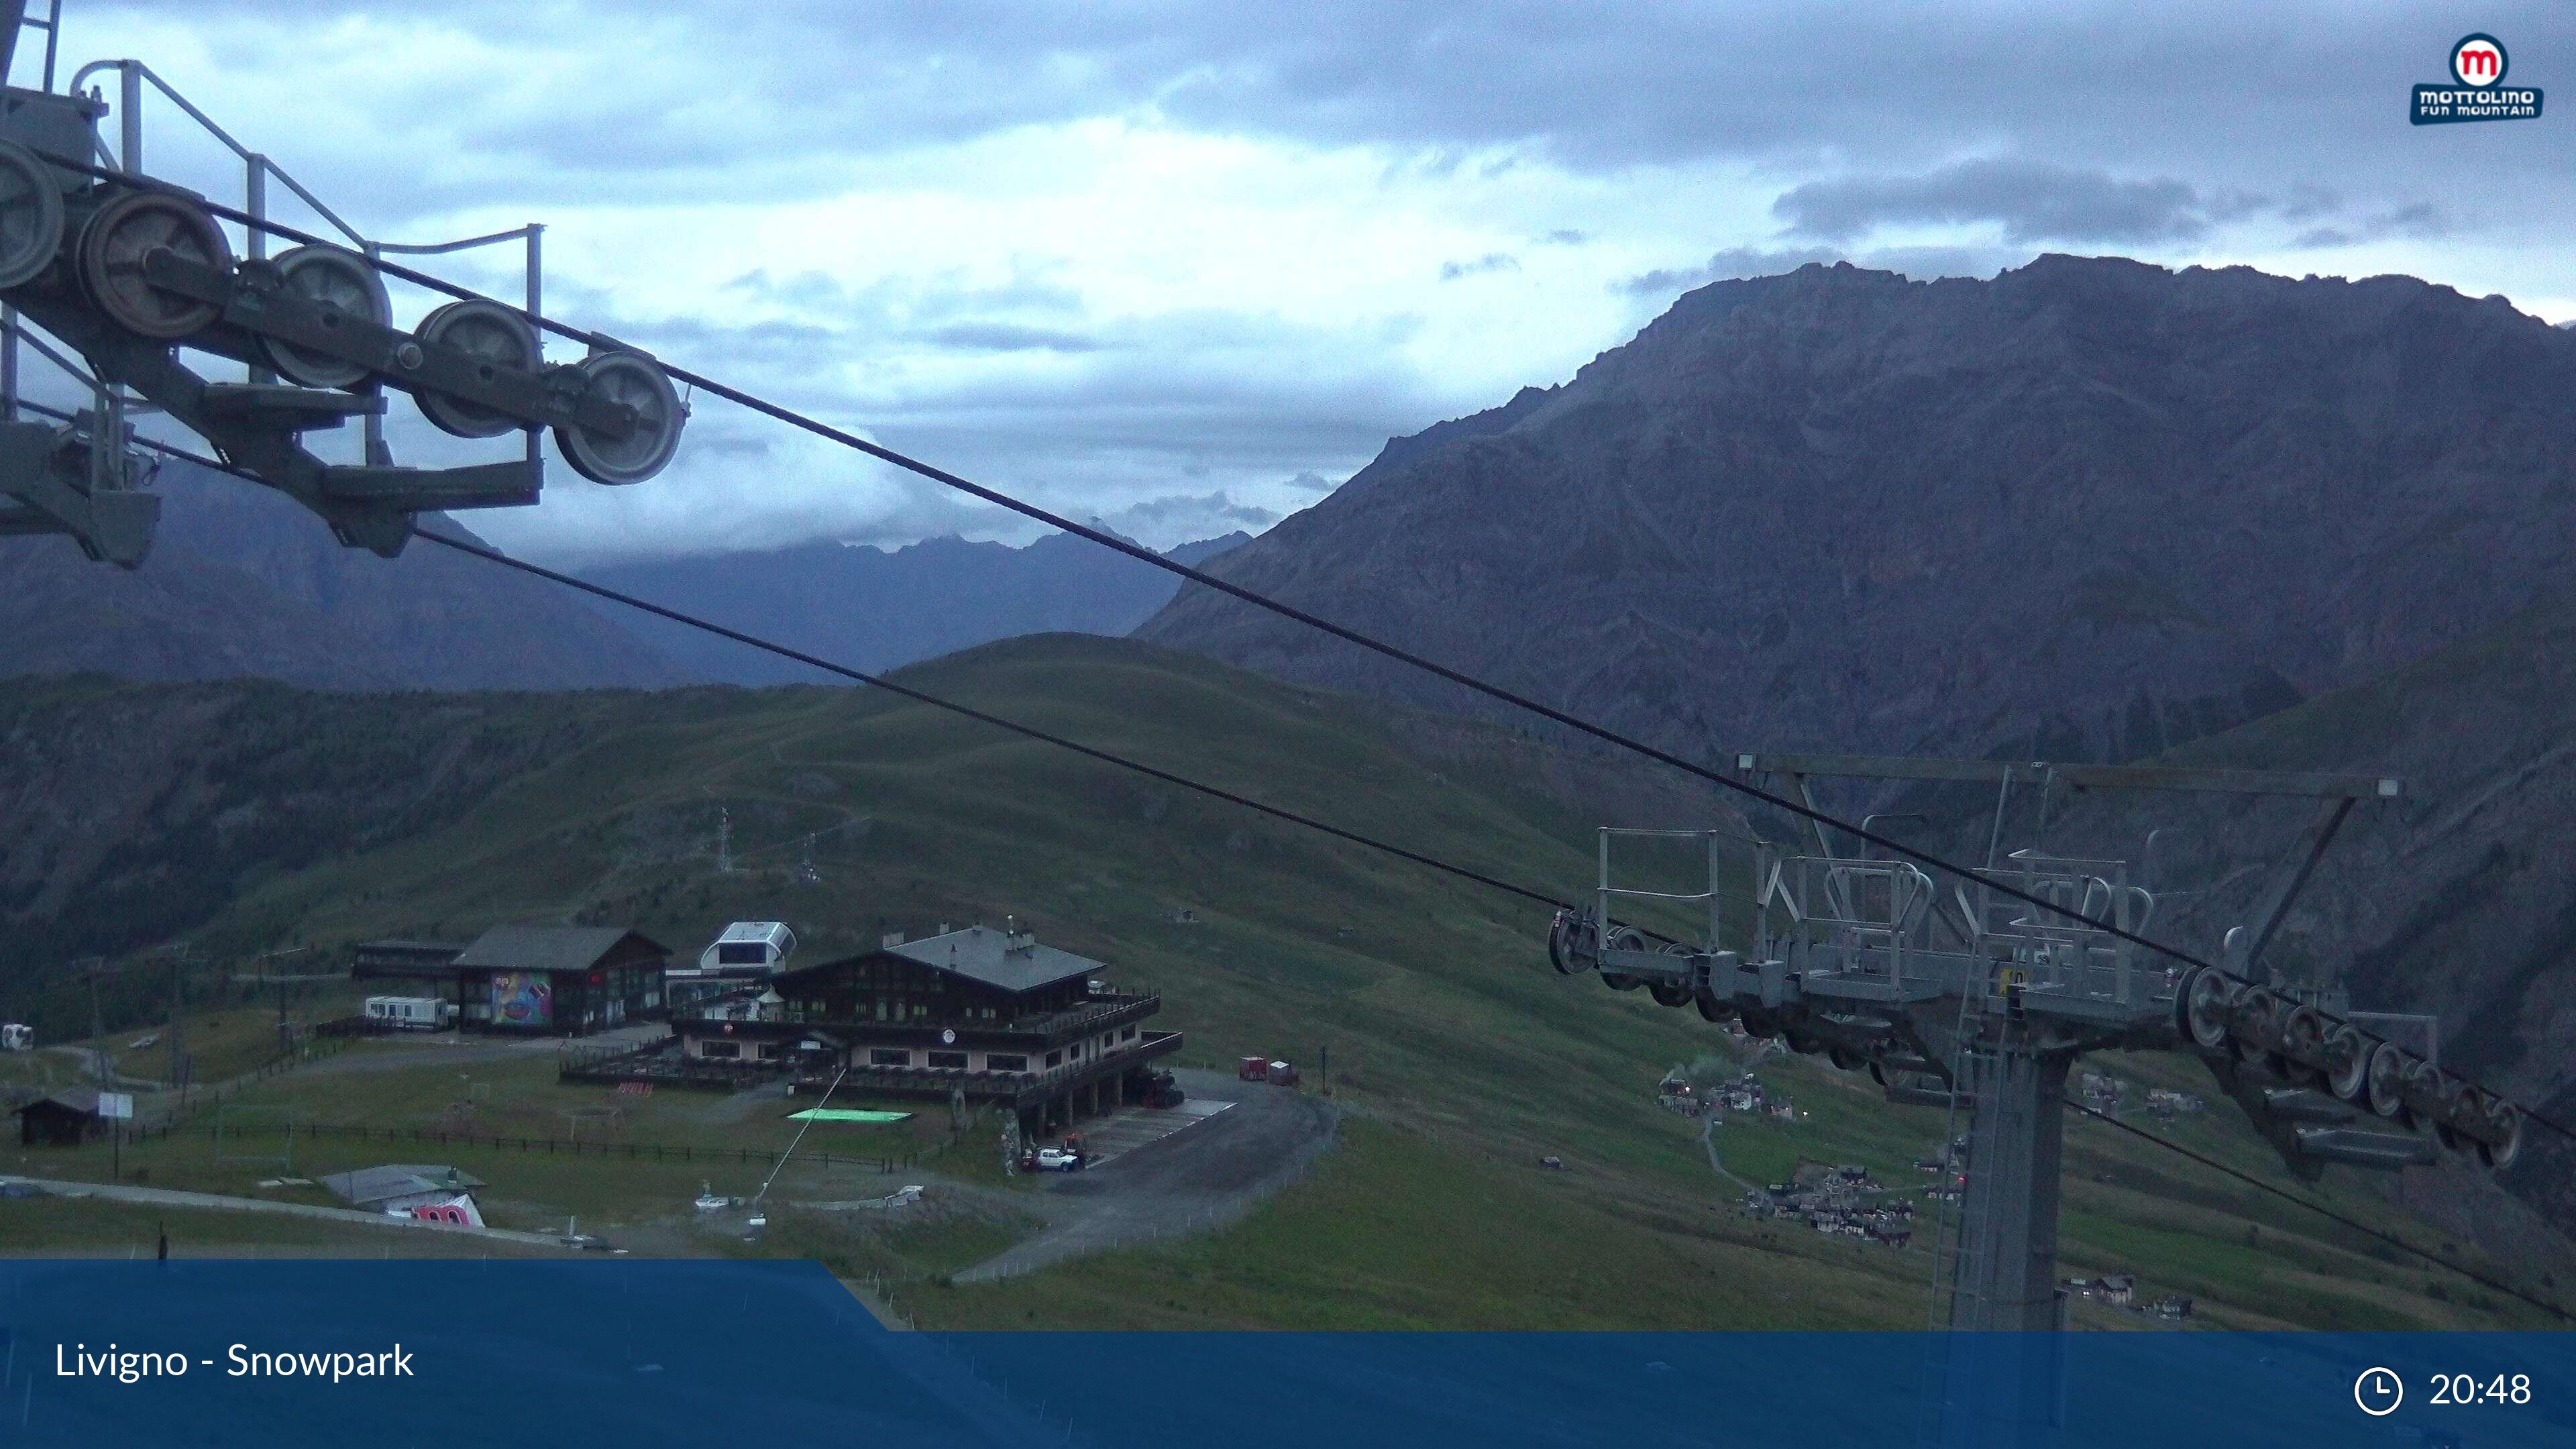 Livigno, Snowpark